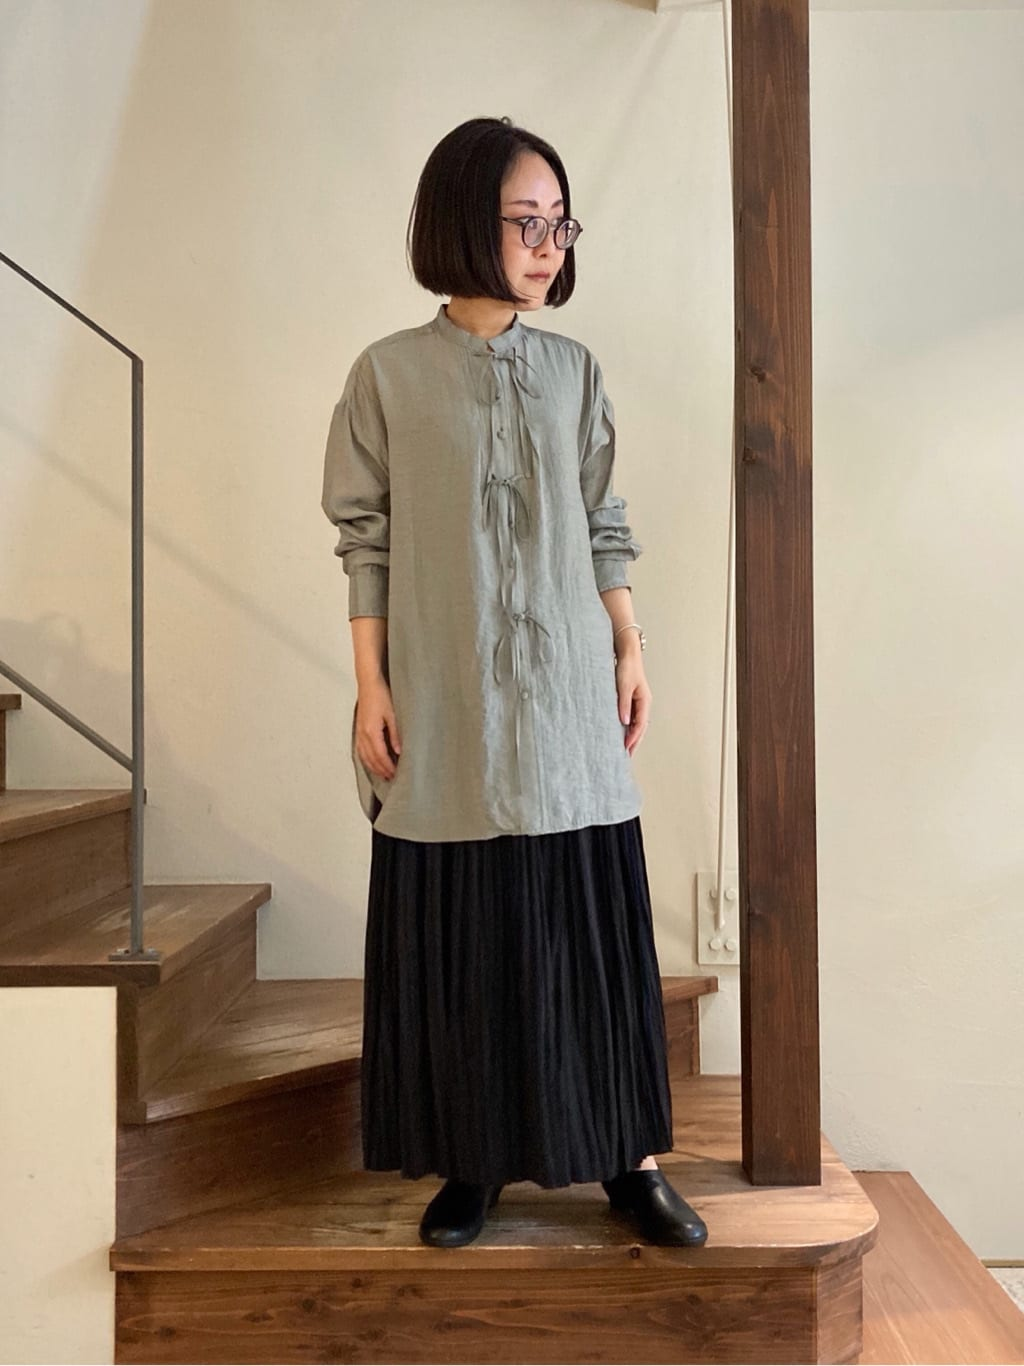 yuni 京都路面 身長:152cm 2021.09.11